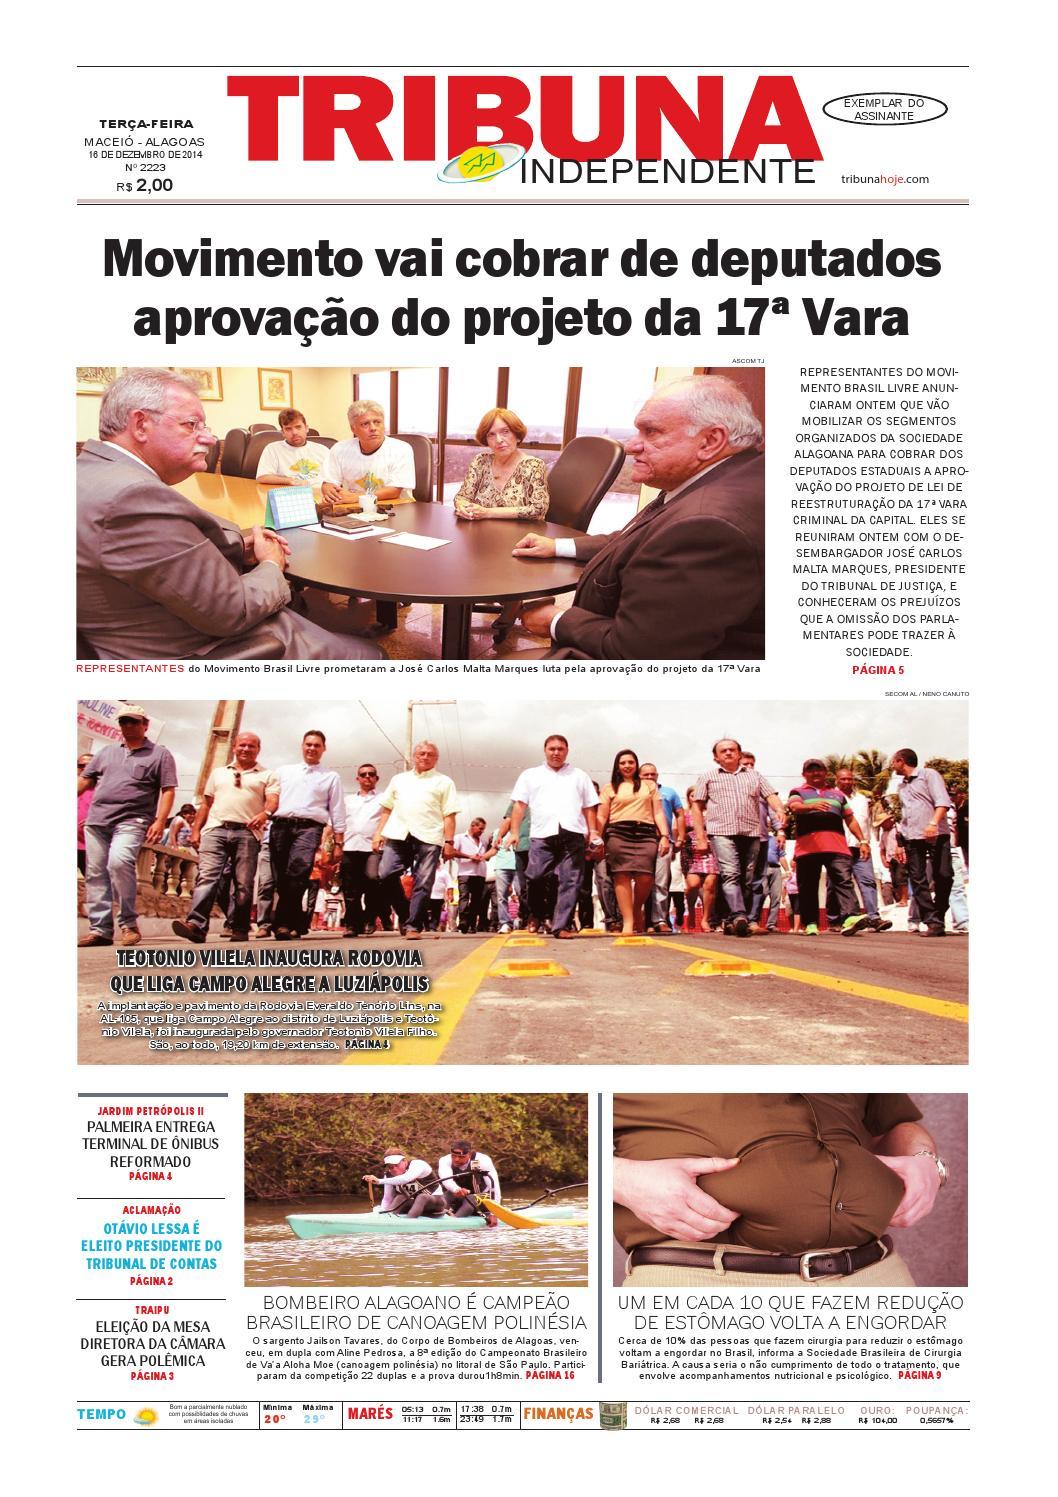 69aa427438 Edição número 2223 - 16 de dezembro de 2014 by Tribuna Hoje - issuu